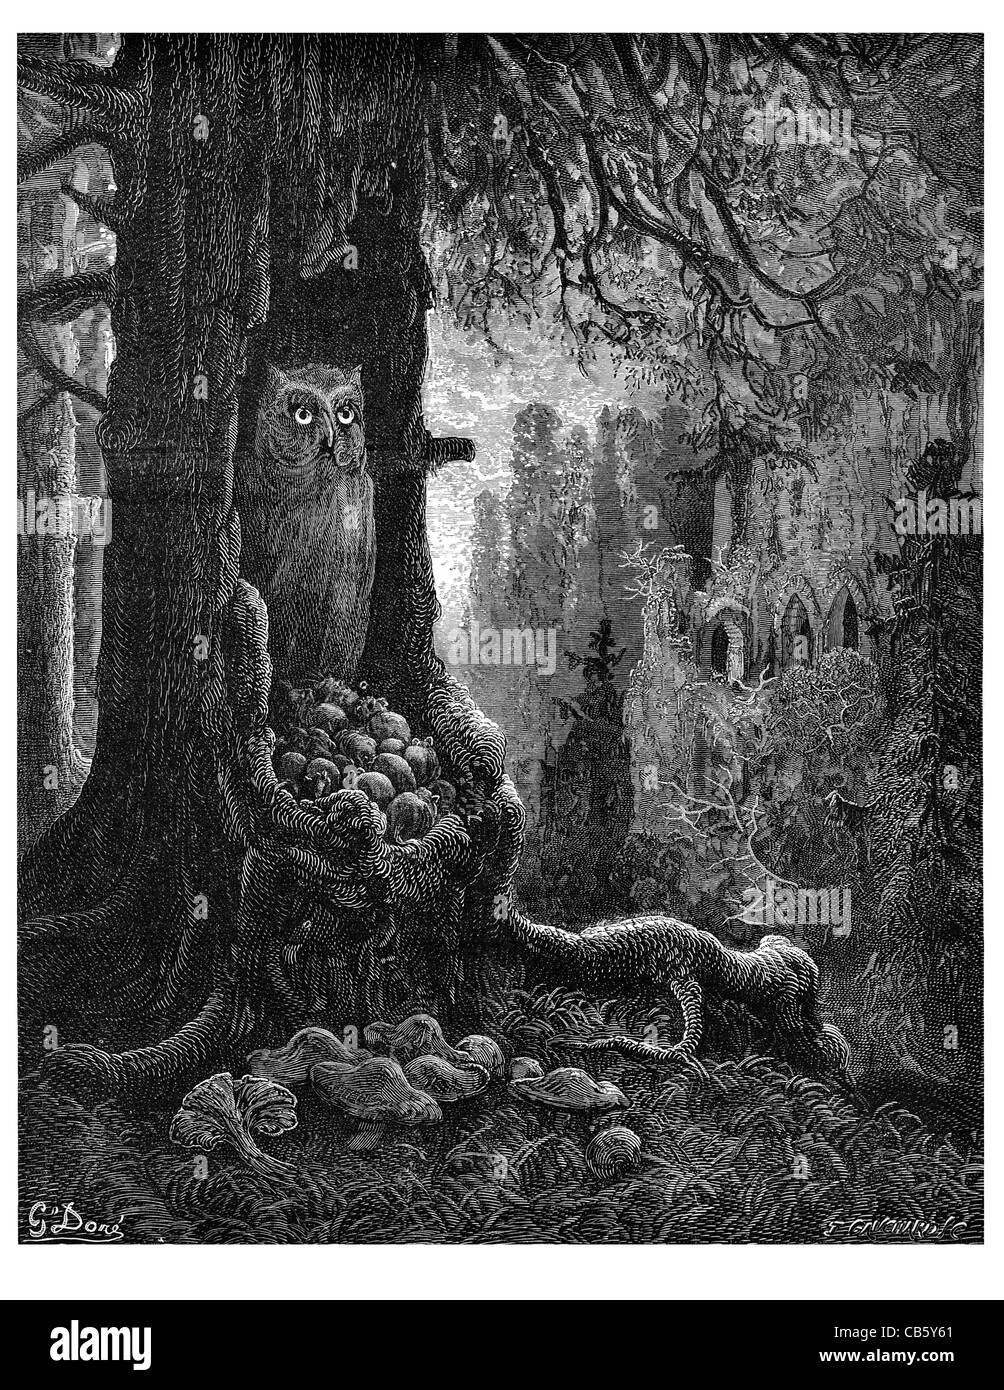 Mäuse und Katze-Spuk Eule nisten Baumstamm Wald Wald Ruinen Ruine dunkle Nacht Ratte Nagetier Maus Pilz wilde Stockbild